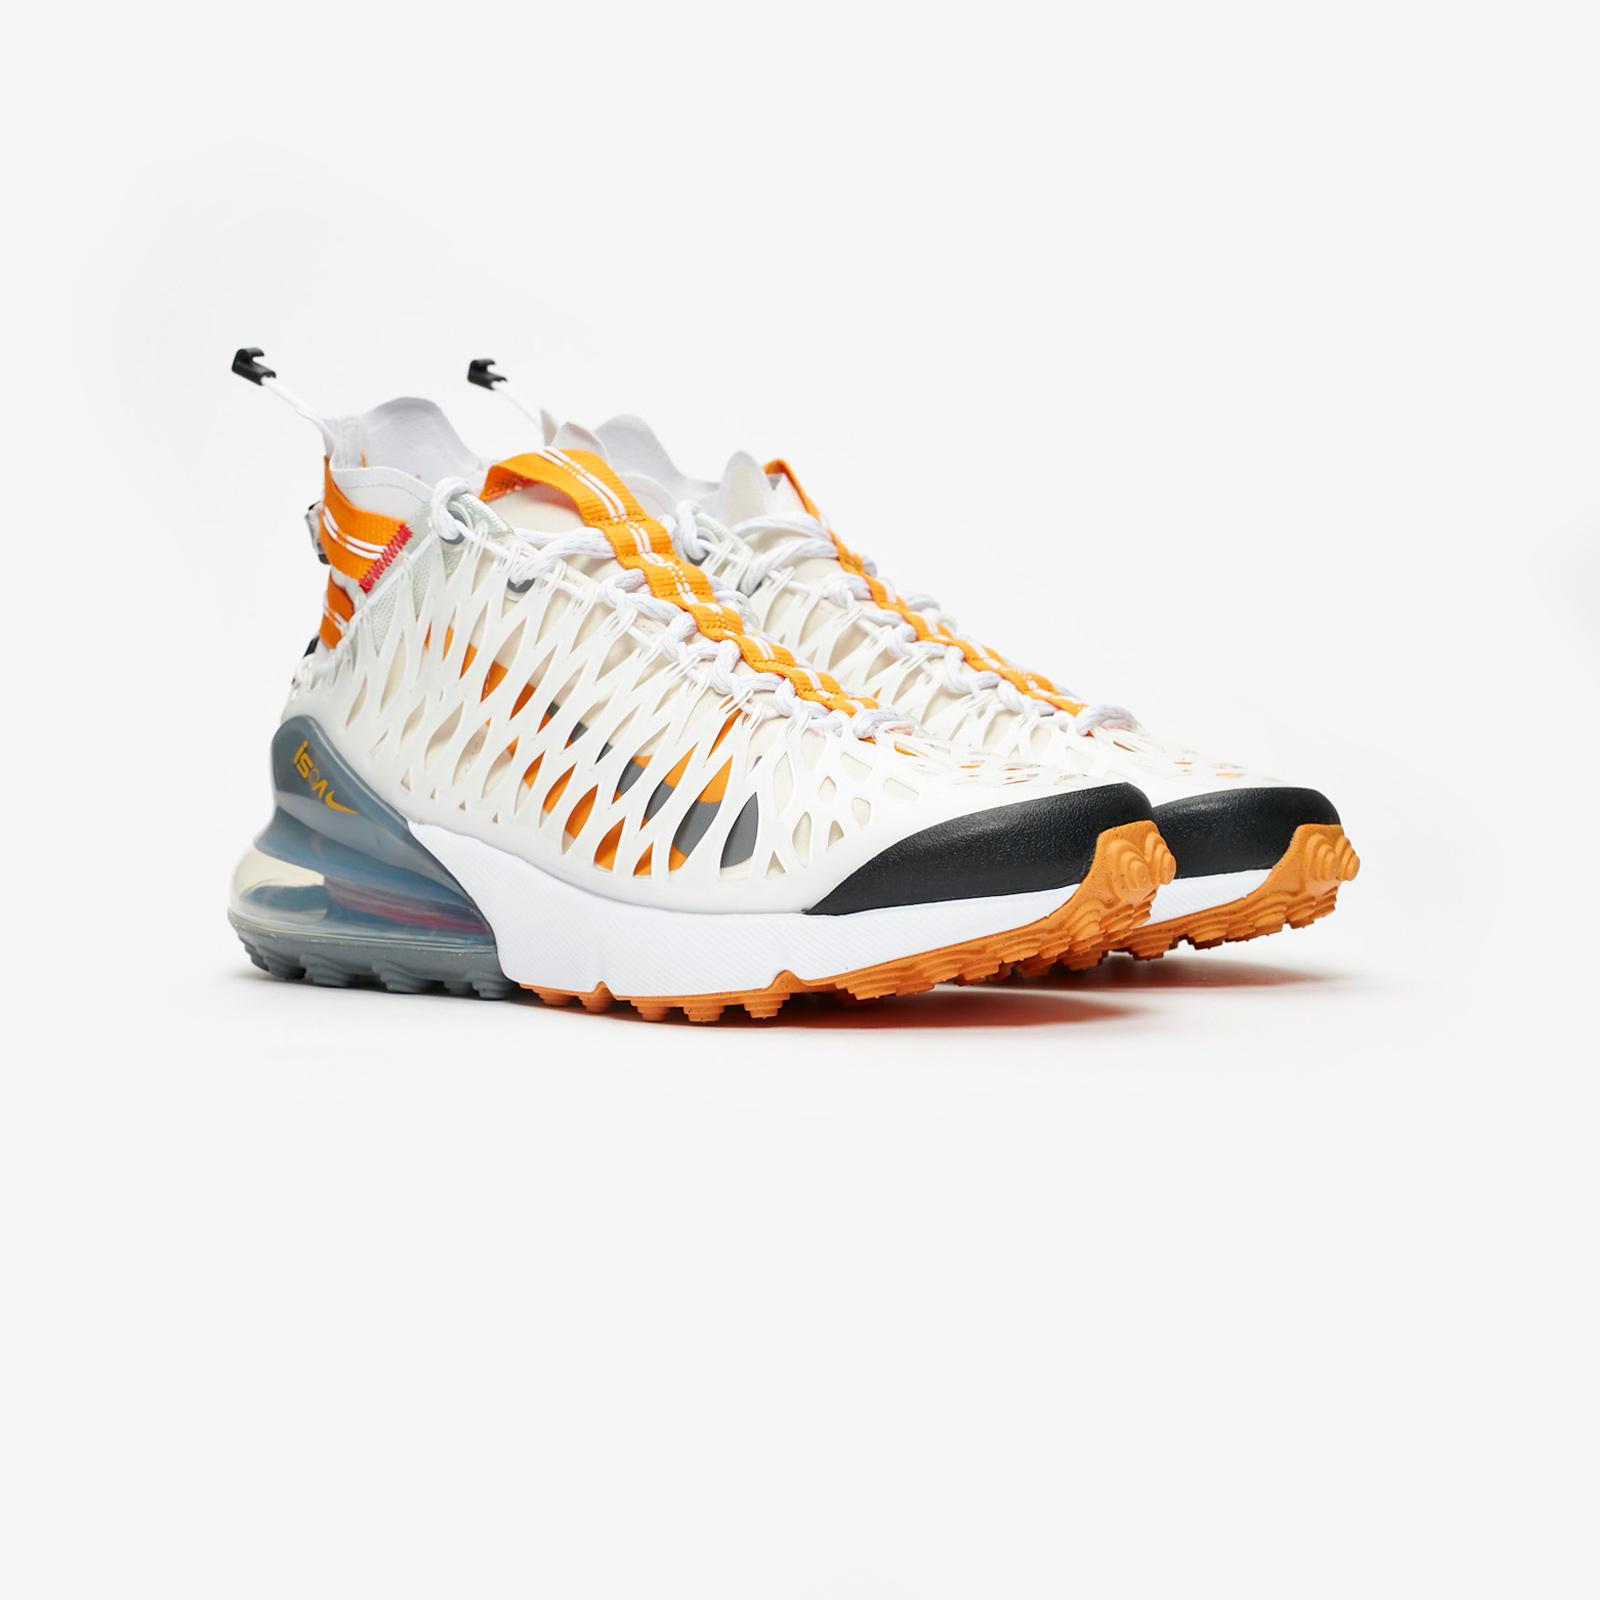 c62fd229f62f0 Nike Air Max 270 ISPA - Bq1918-102 - Sneakersnstuff